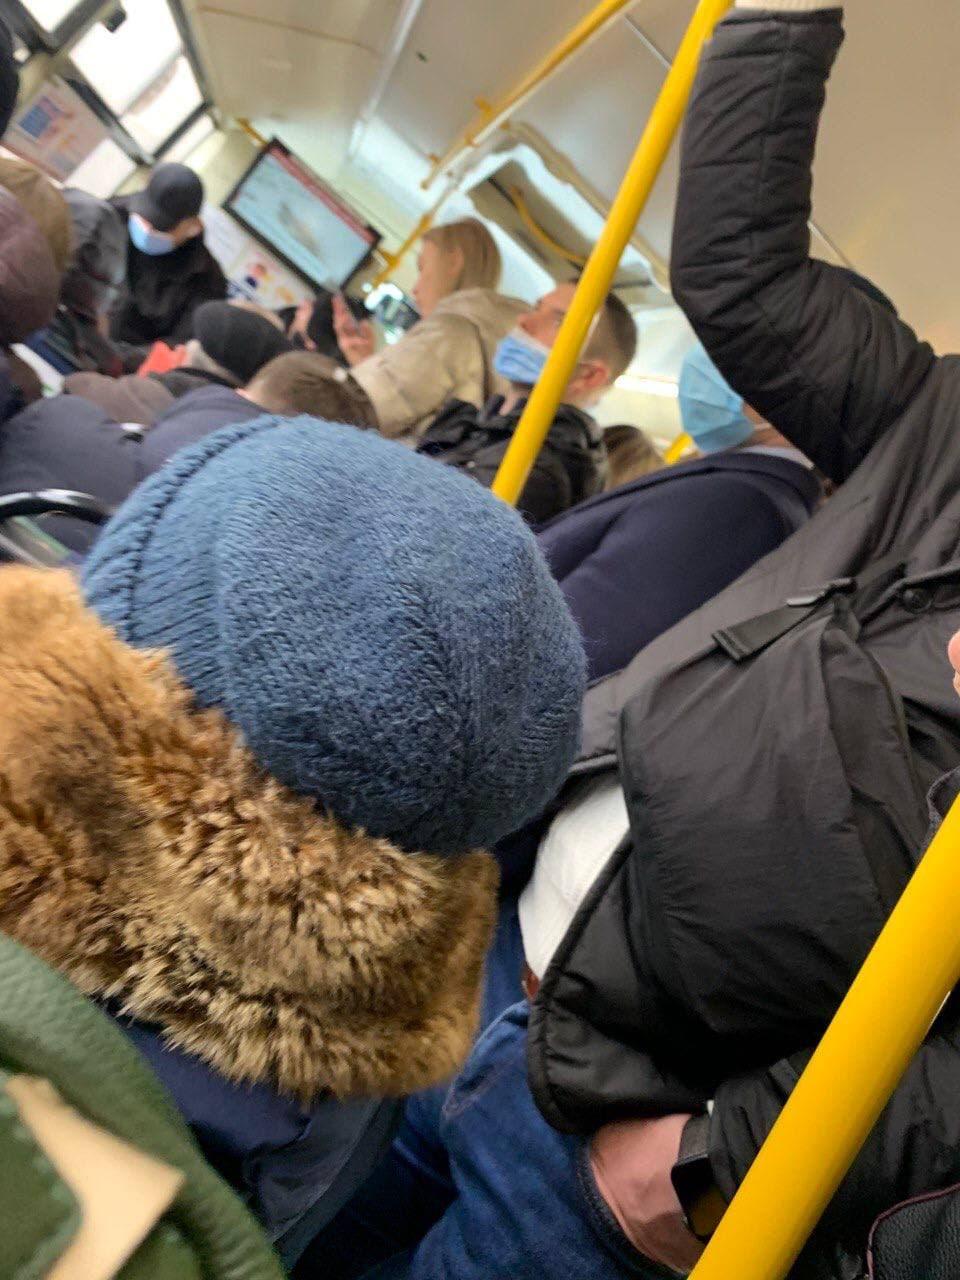 Як дотримуються карантину у громадському транспорті Києва / t.me/stranaua